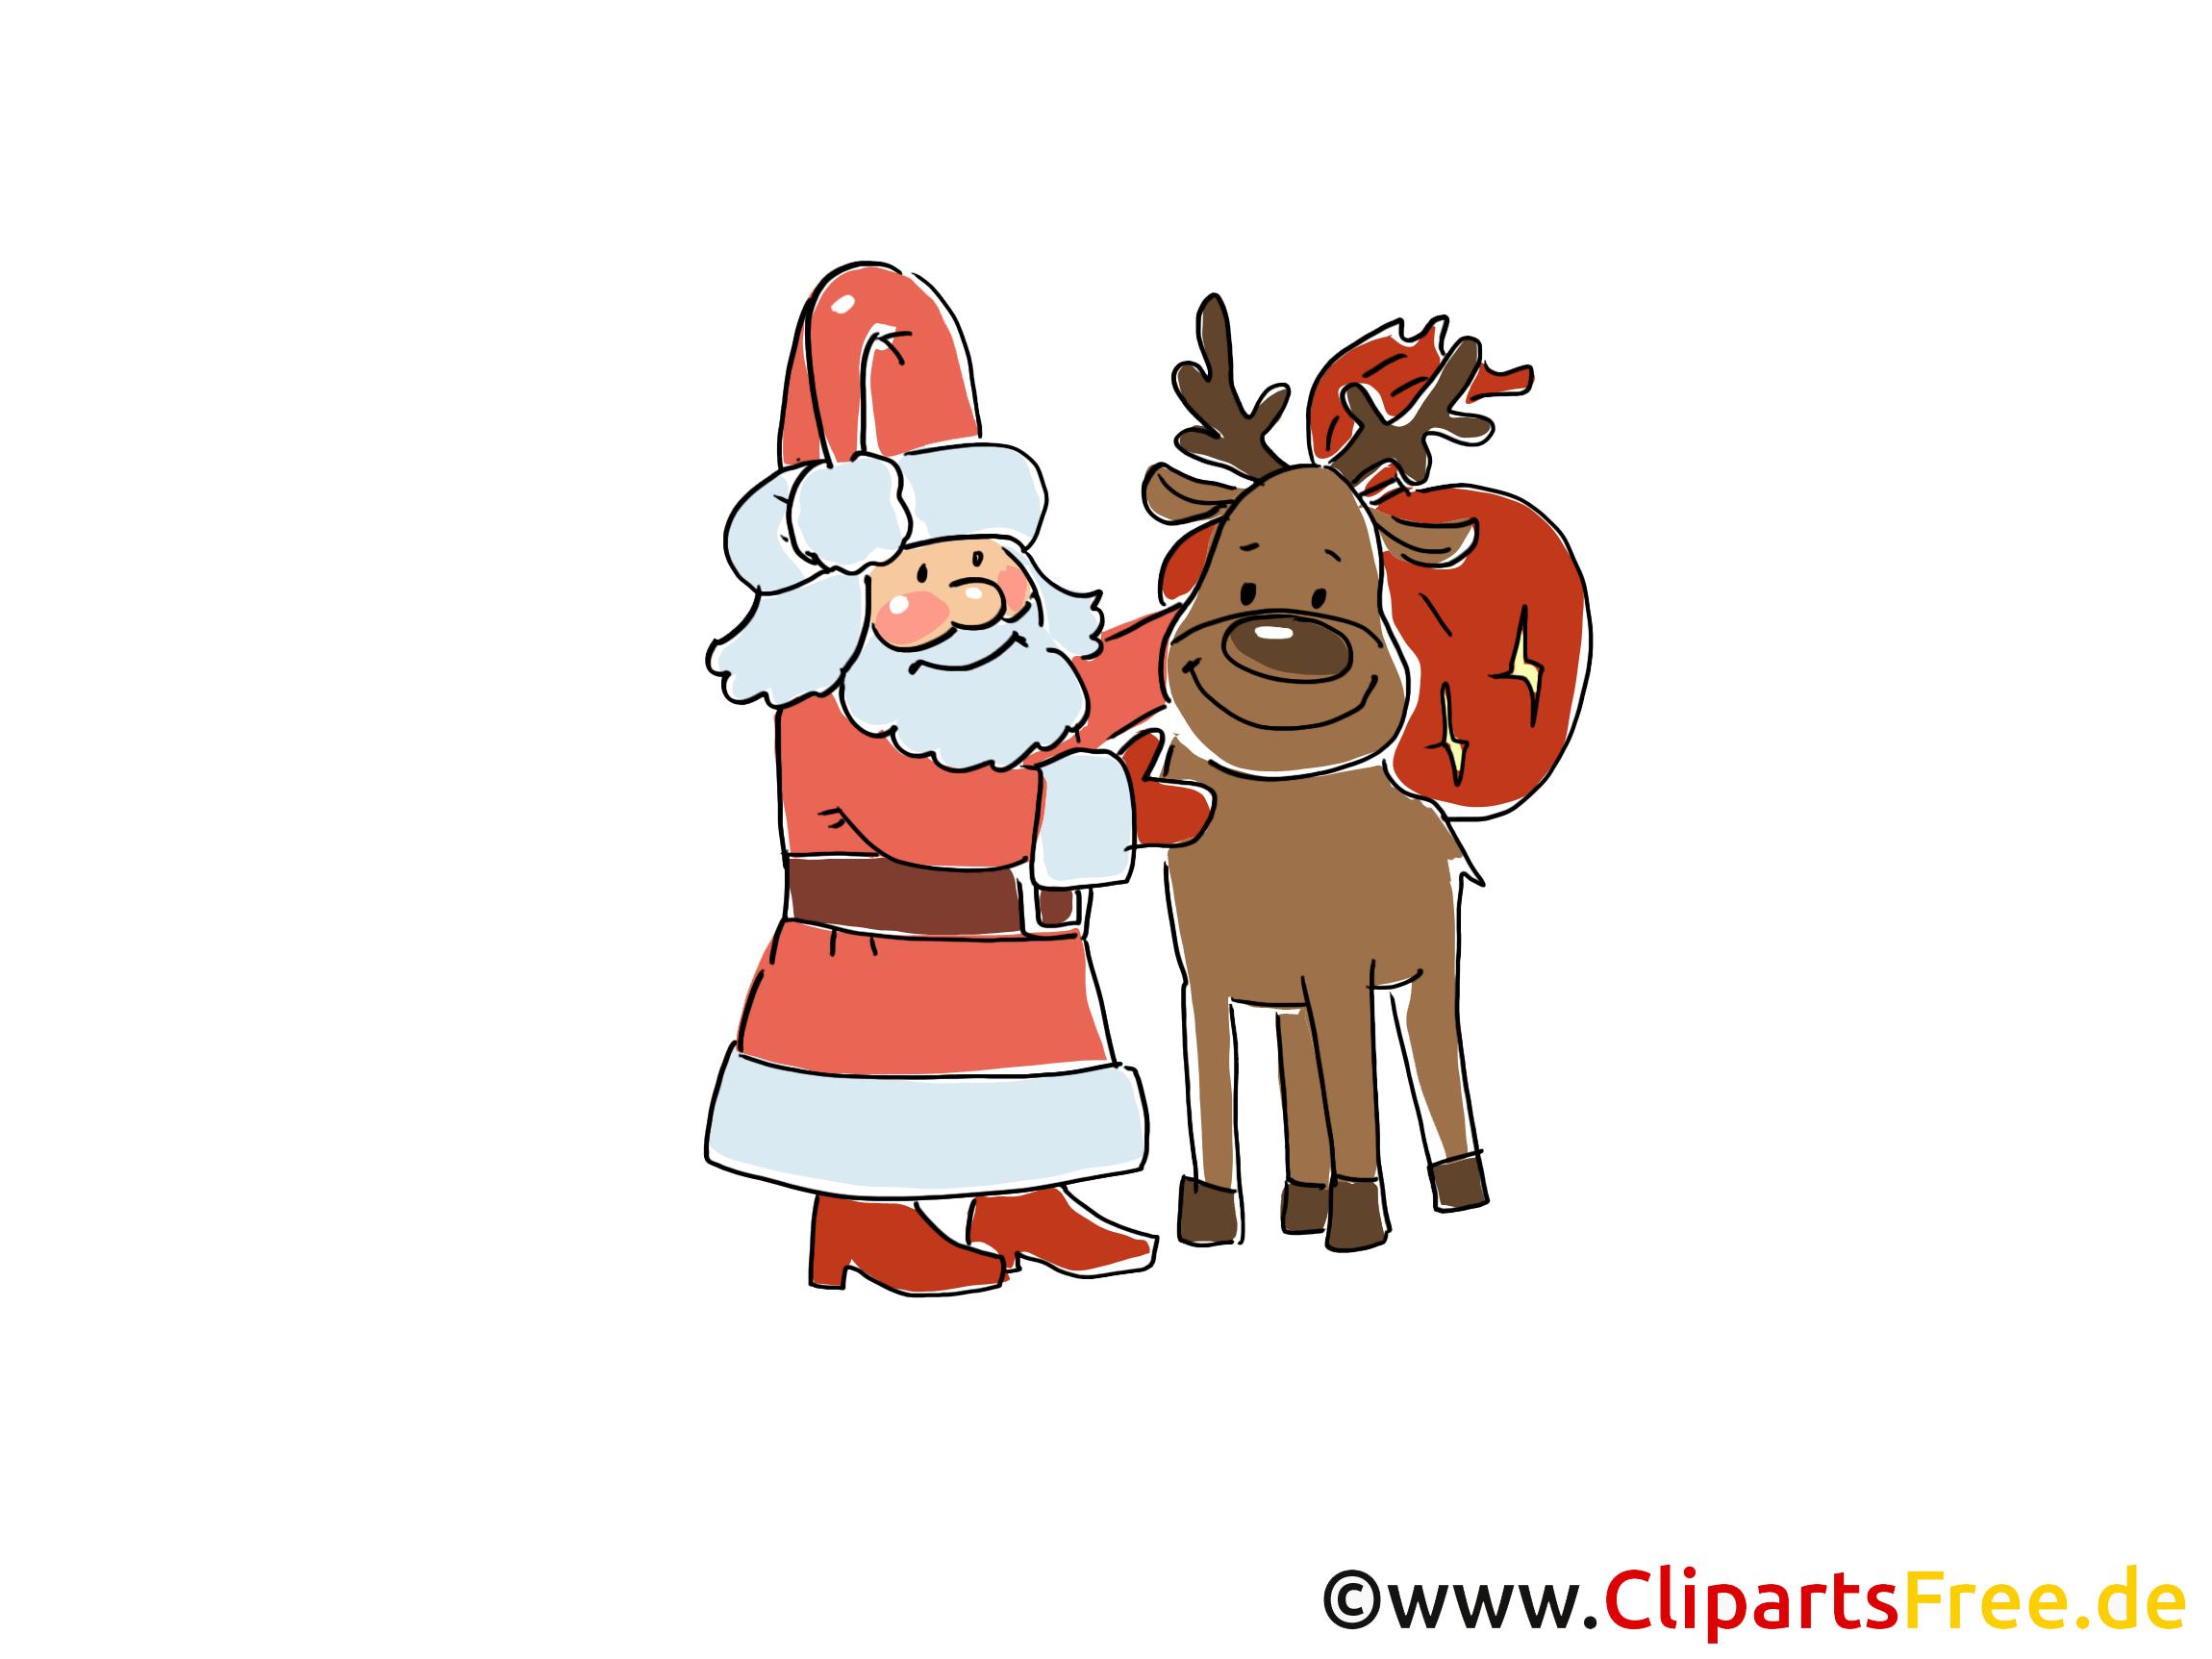 Weihnachtsbilder Kostenlos Downloaden.Weihnachtsbilder Kostenlos Runterladen